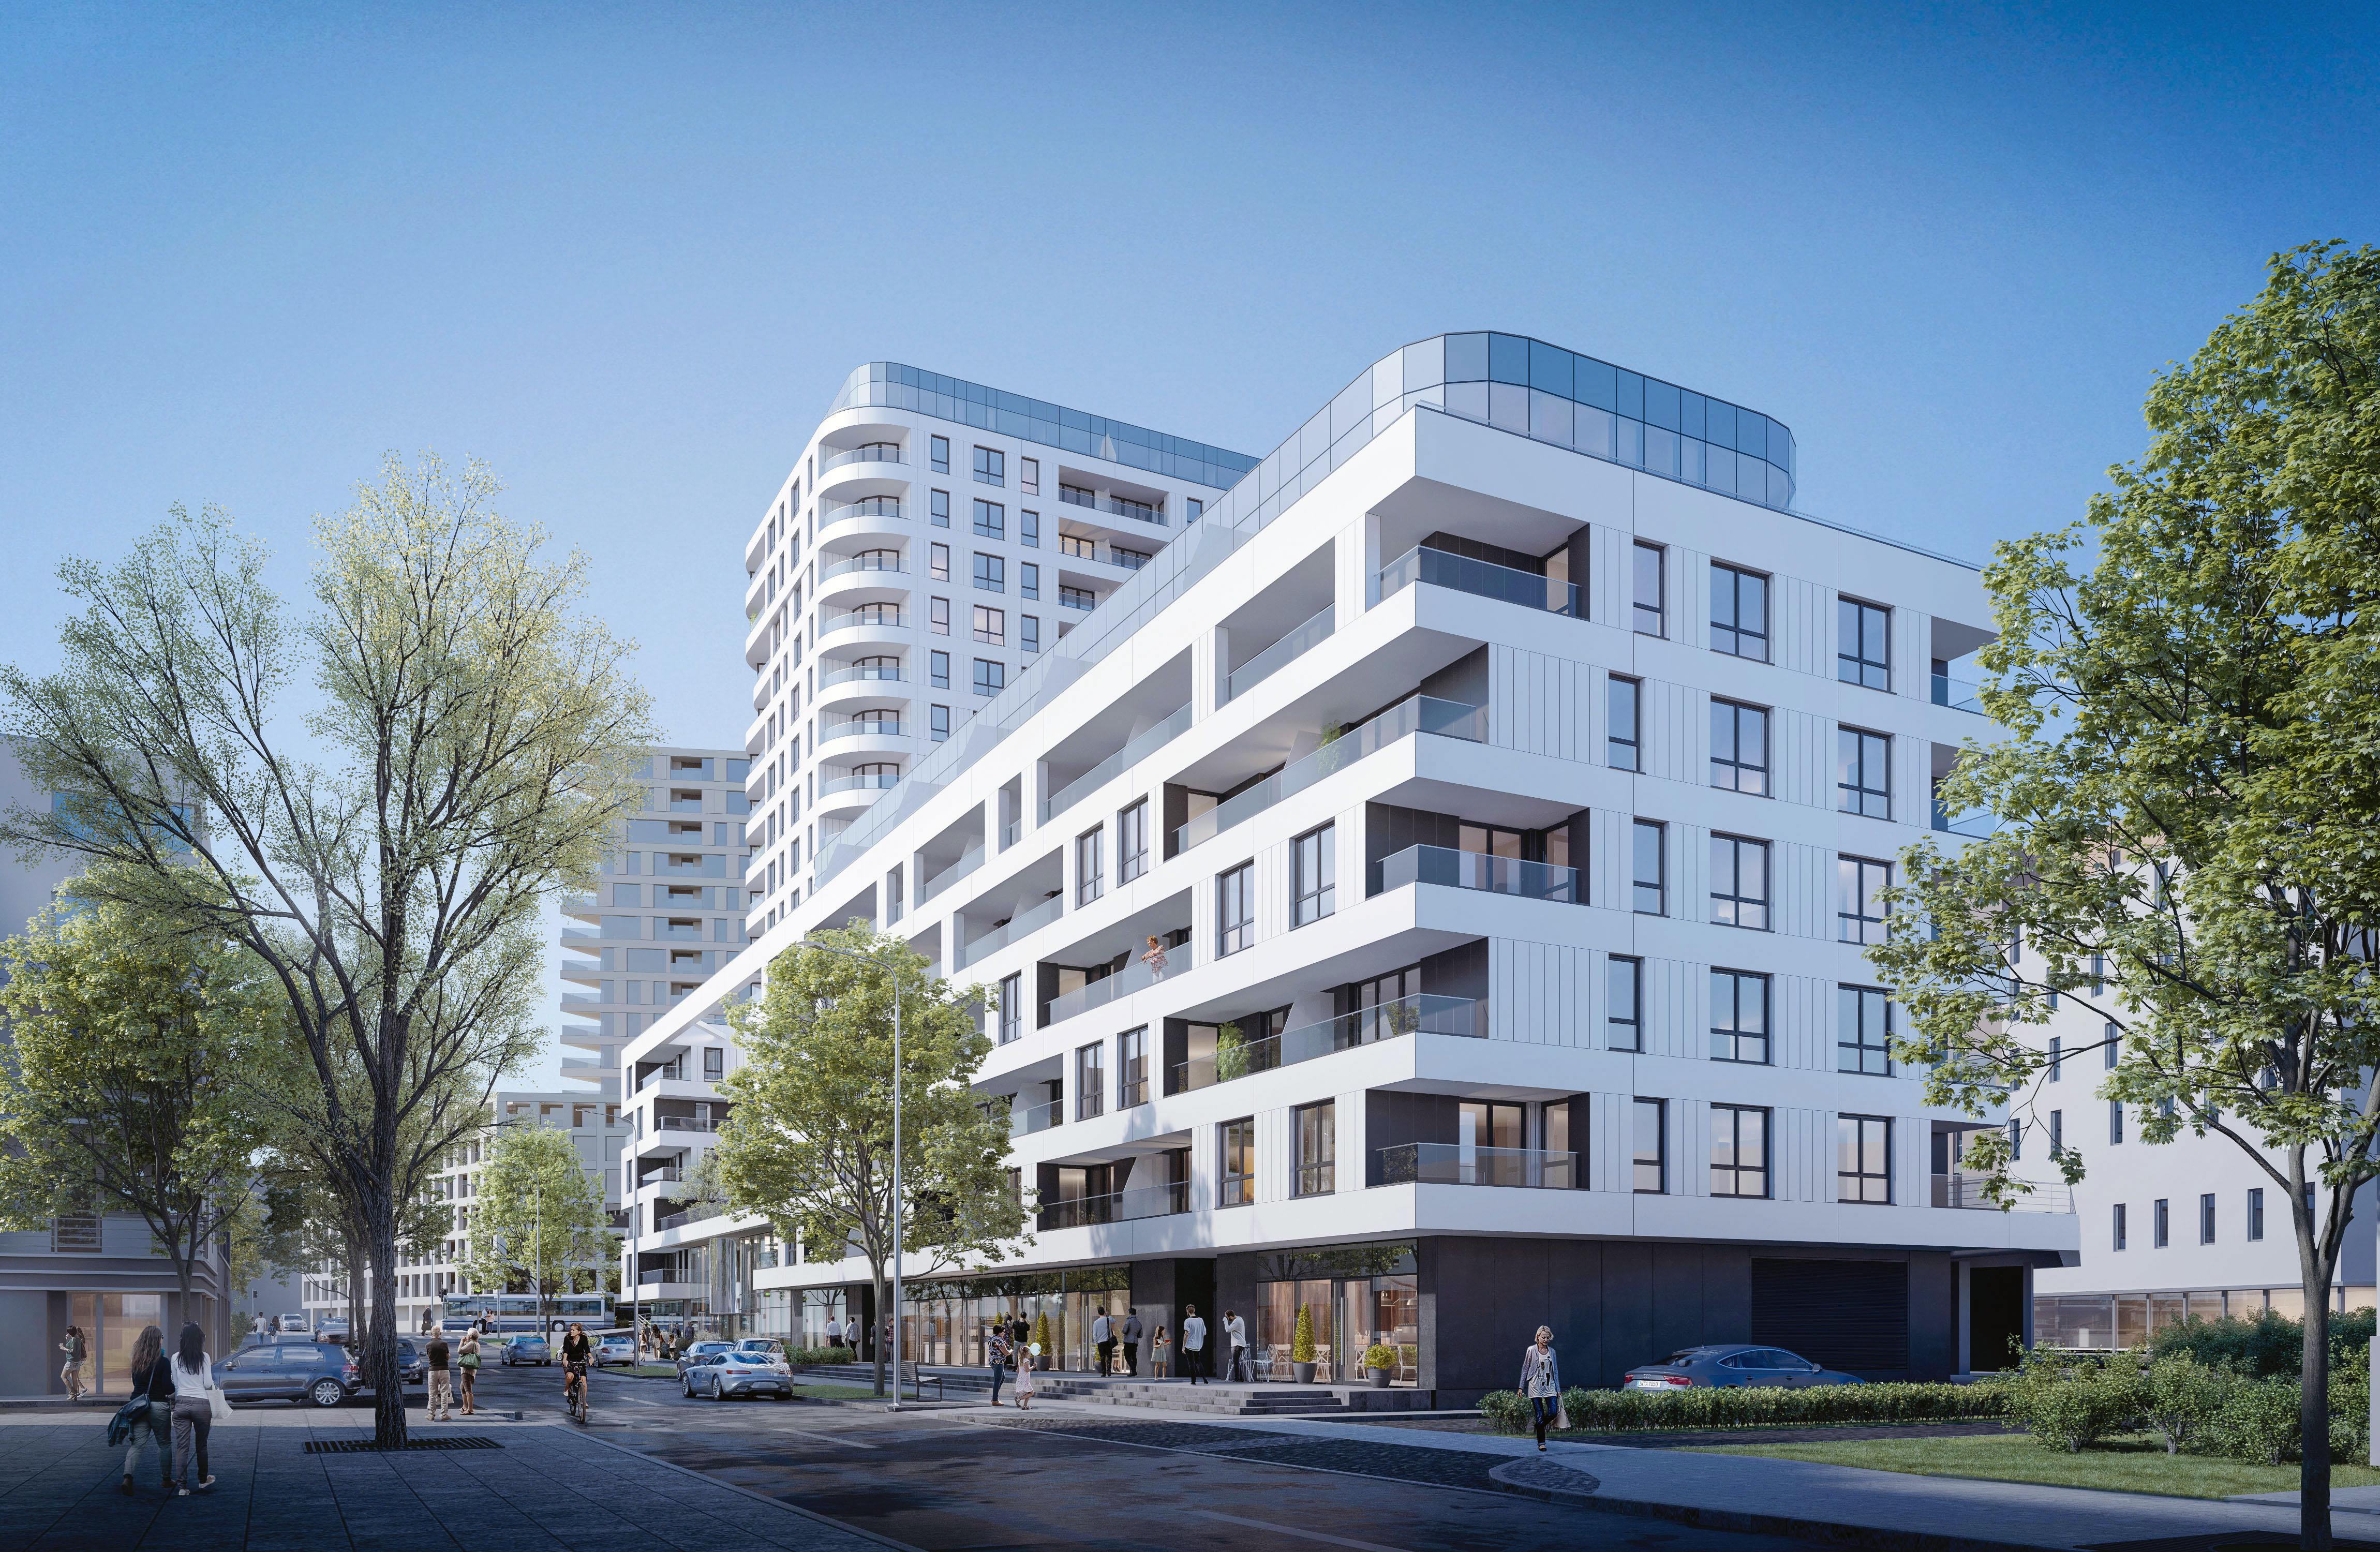 Drugą inwestycję realizuję firma PB Górski. Będzie to budynek mieszkalny, z częścią usługową na parterze, fot. materiały prasowe